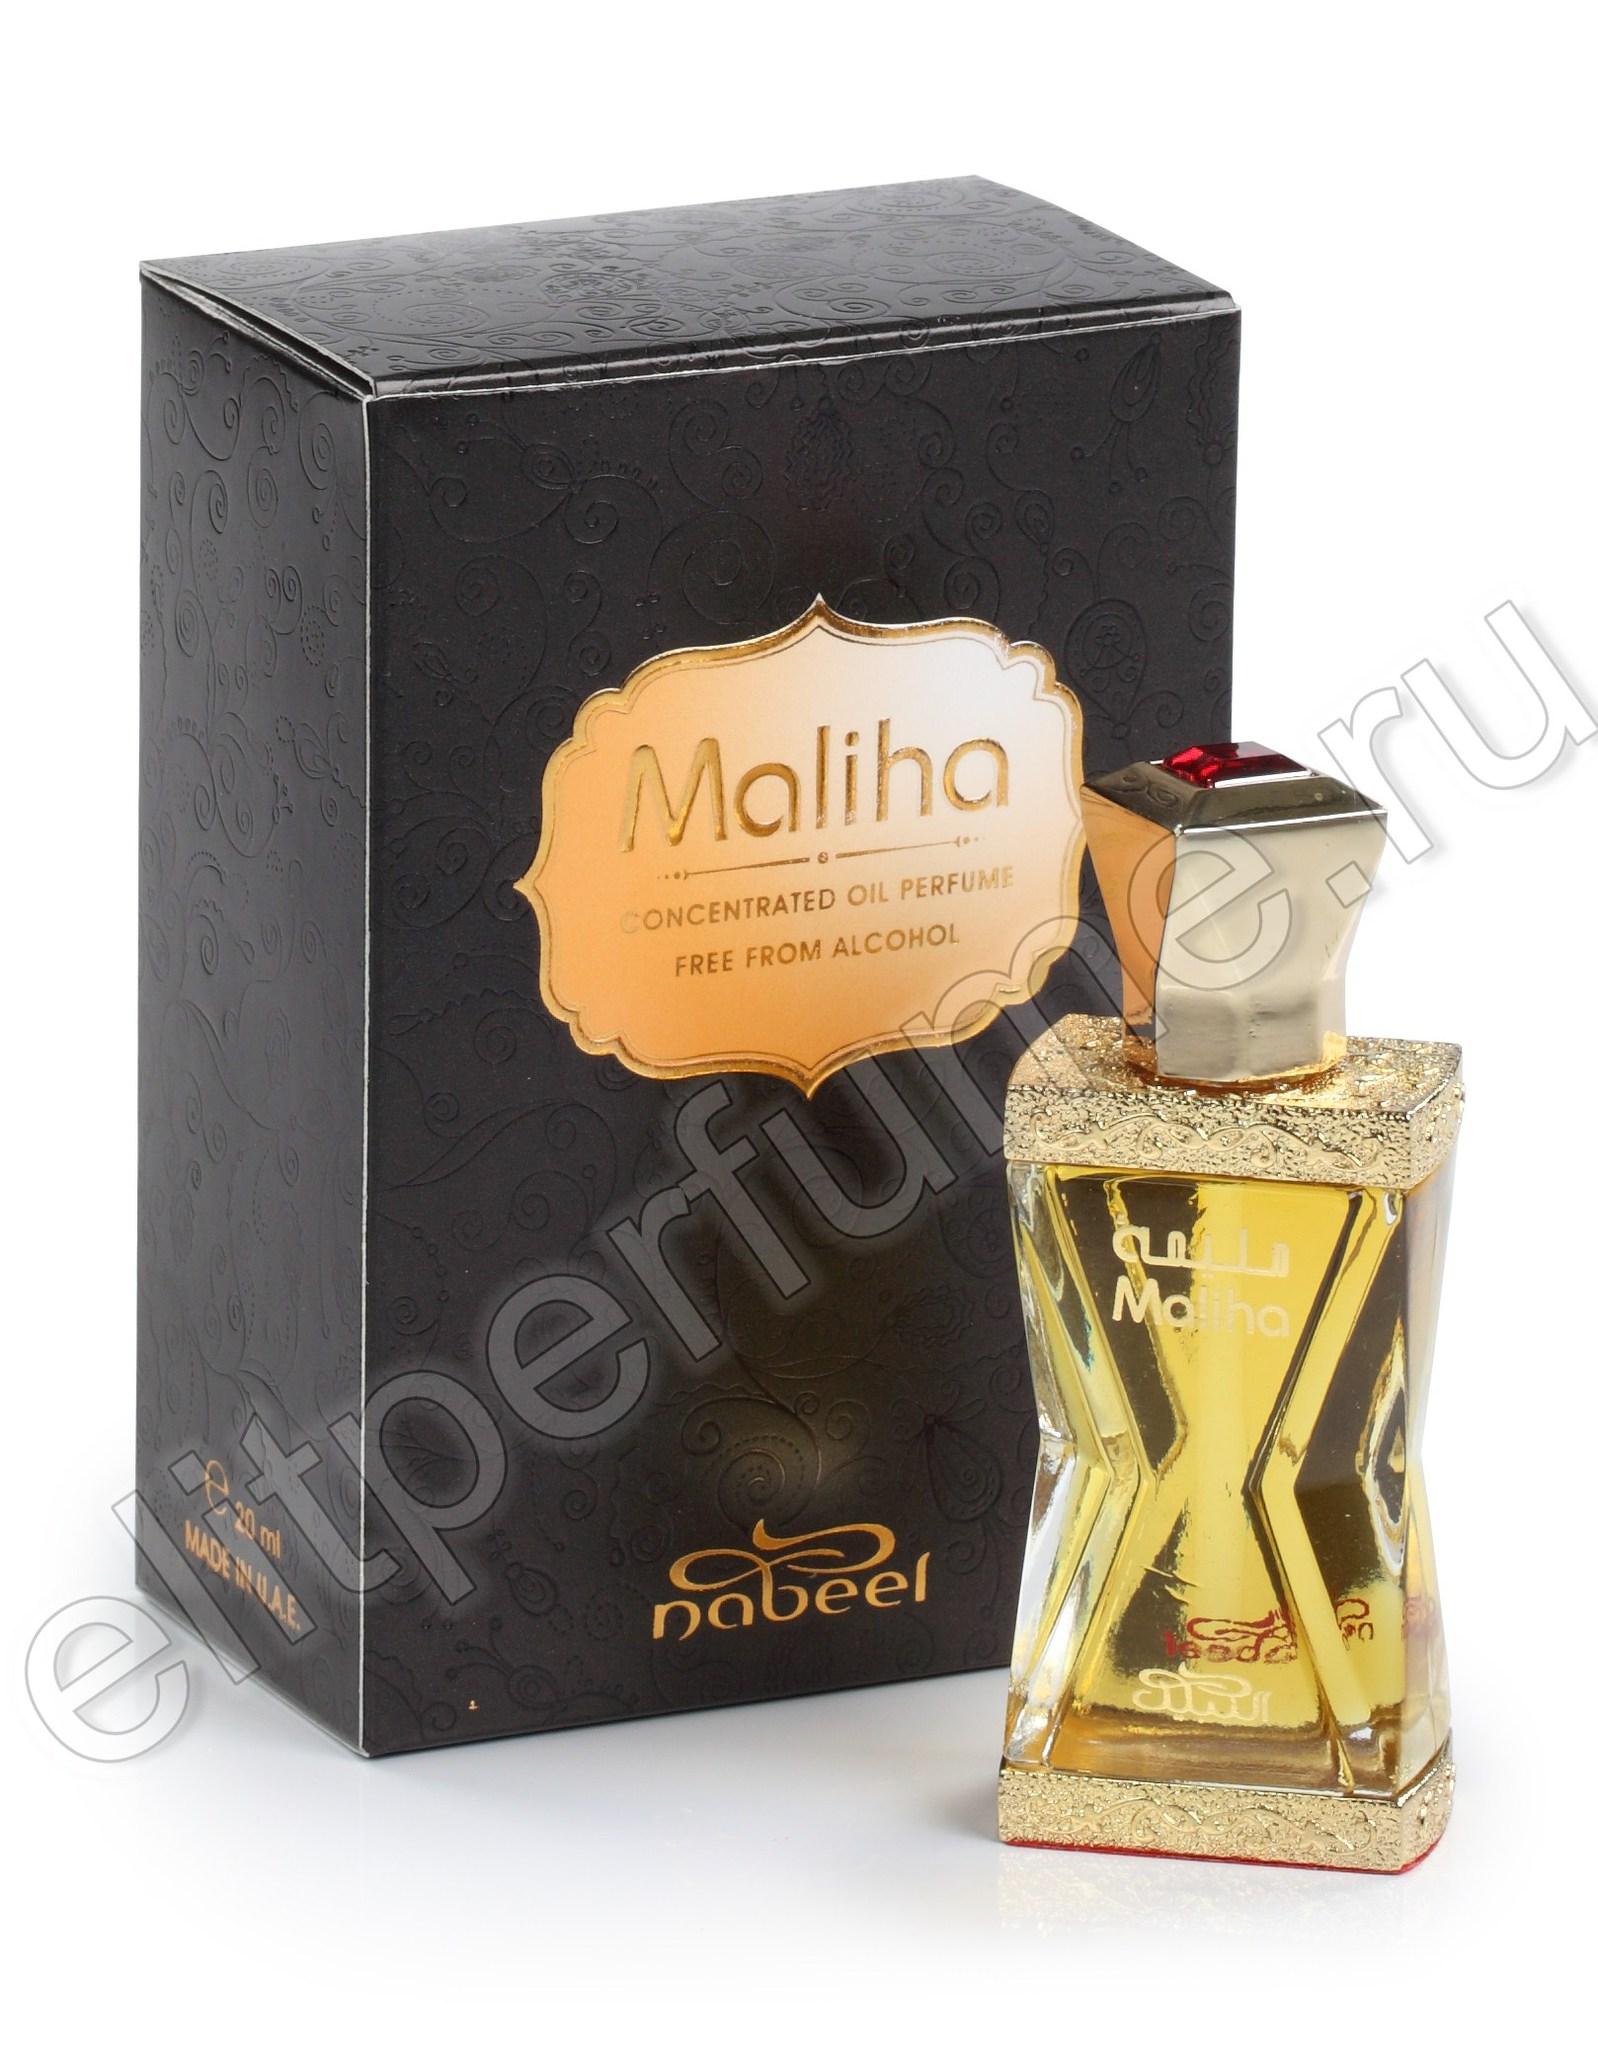 Арабские духи Maliha Малиха 20 мл арабские масляные духи от Набиль Nabeel Perfumes